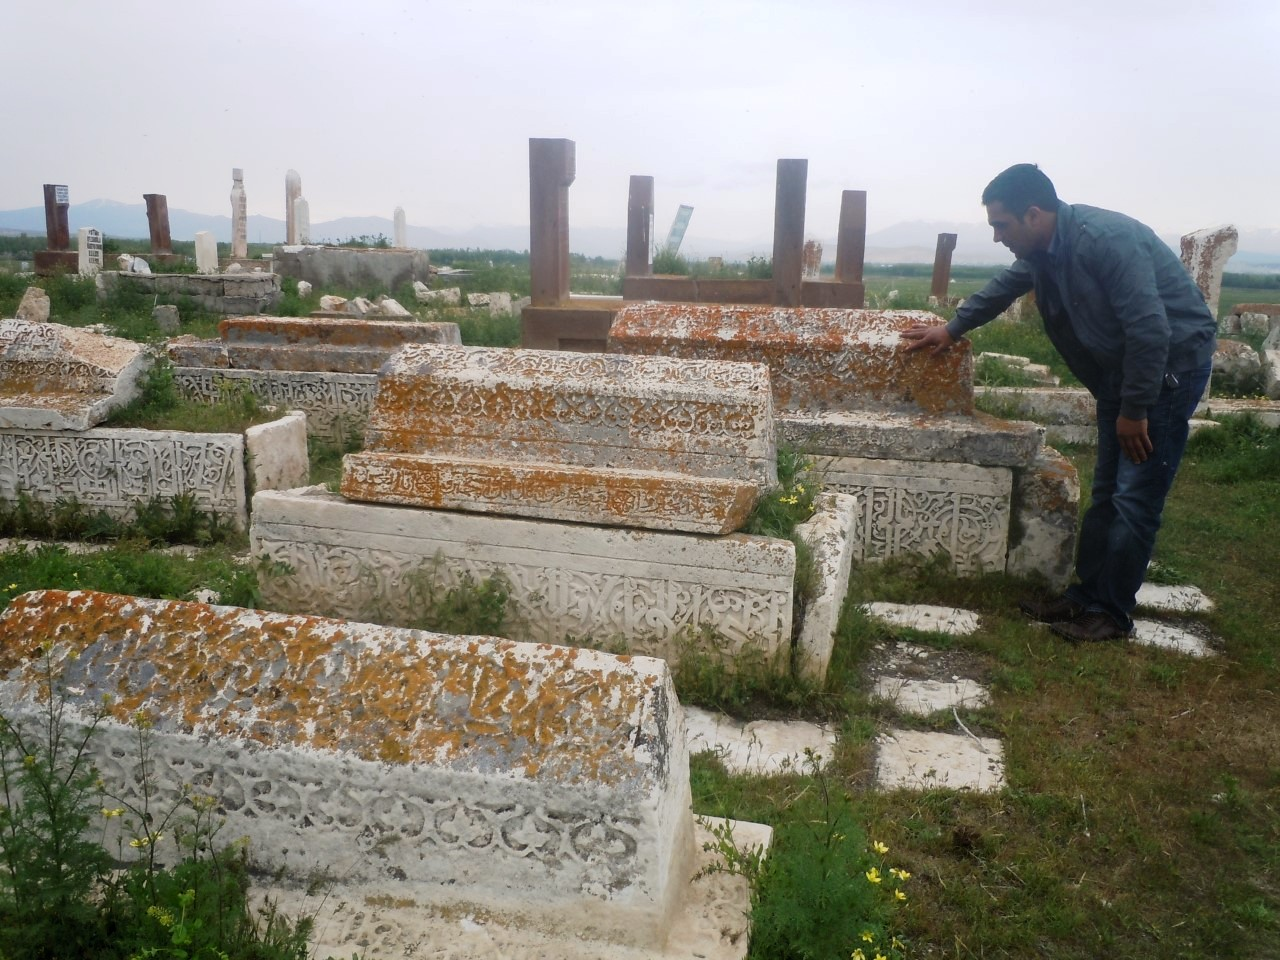 5 bin yıllık tarihi mezarlık (6).jpg